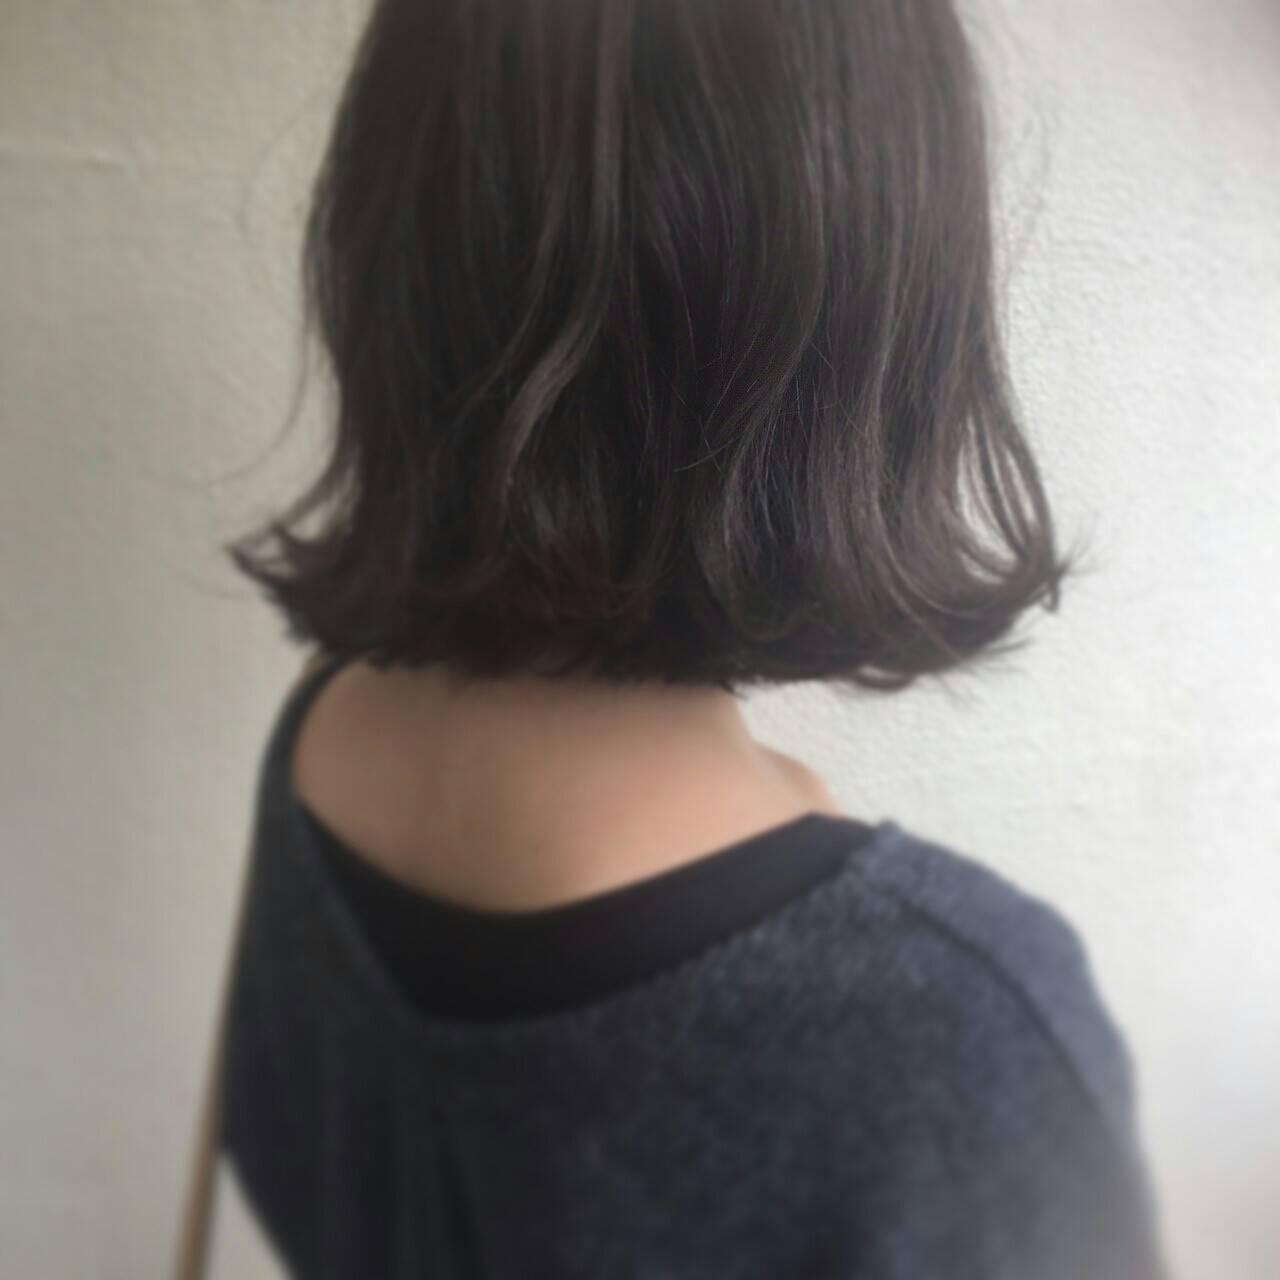 暗髪 外国人風 ボブ 簡単ヘアアレンジヘアスタイルや髪型の写真・画像